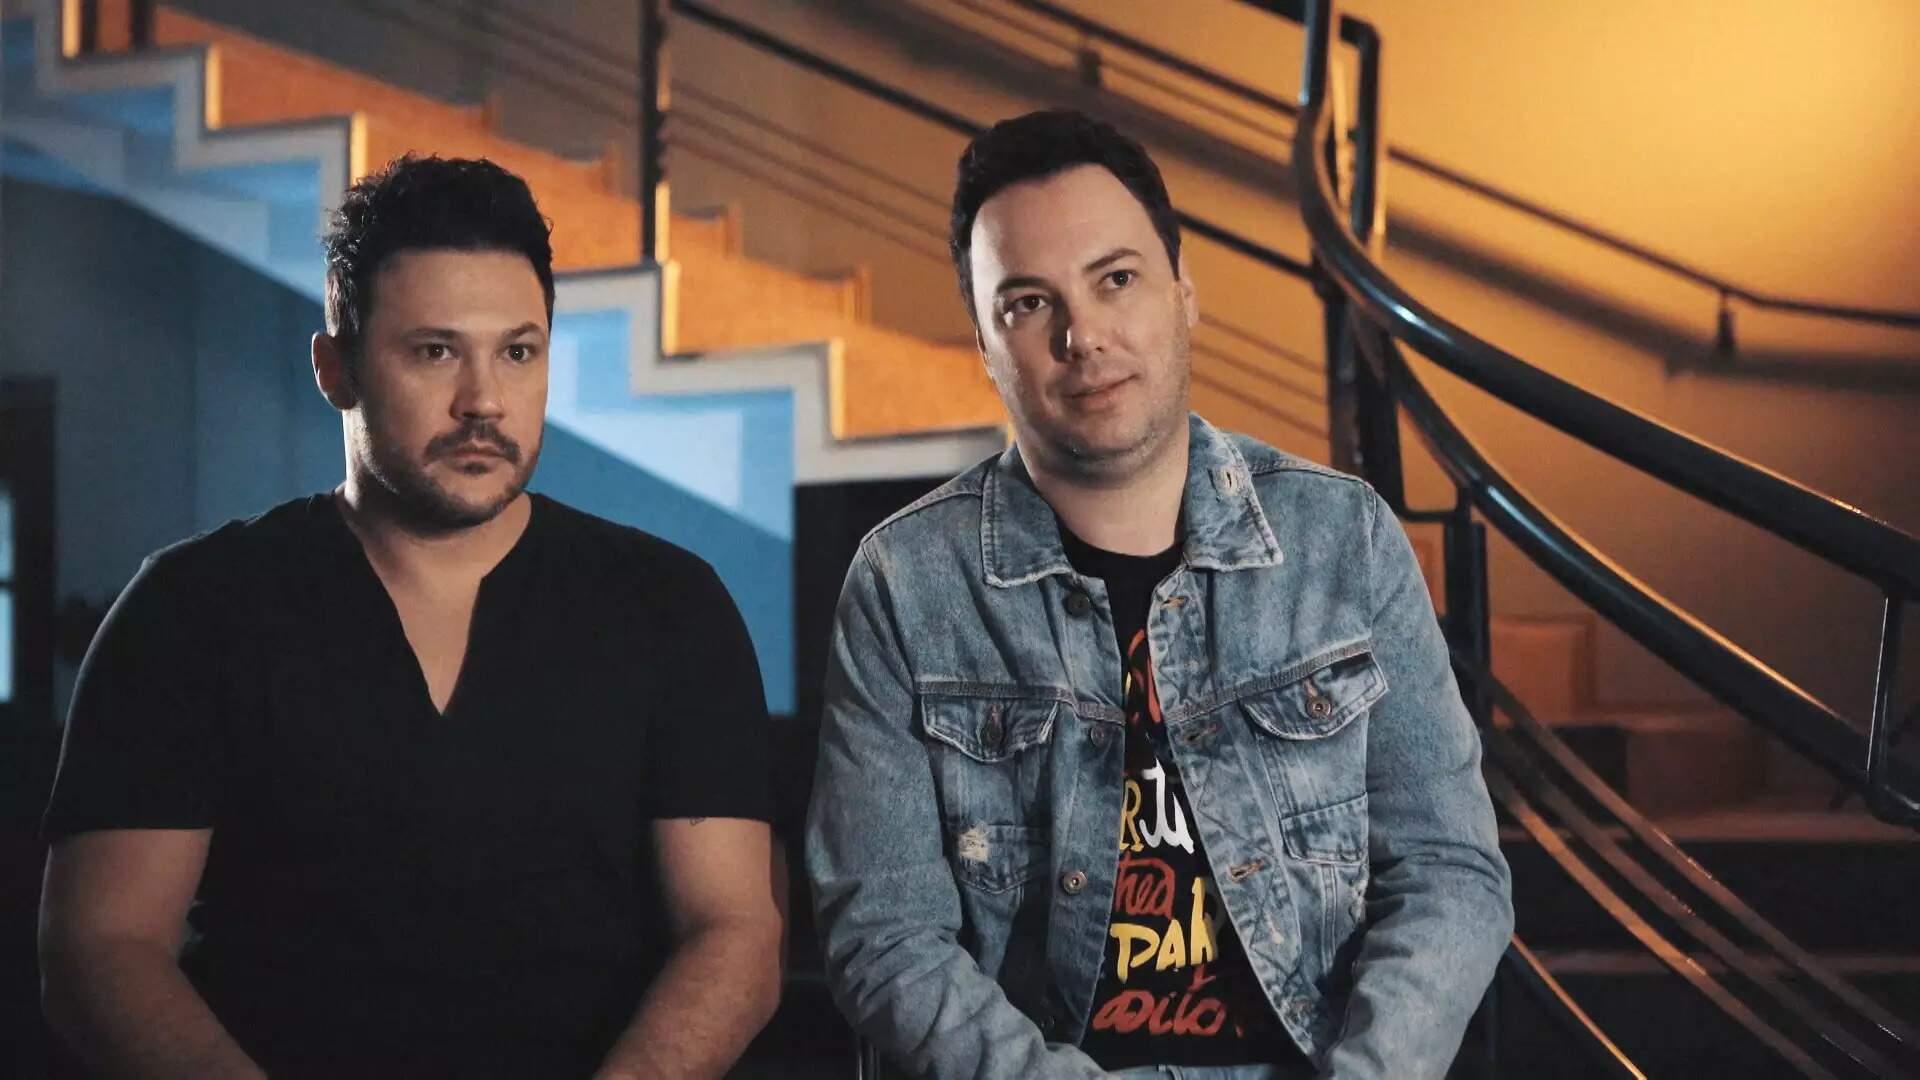 A dupla João Bosco (à direita) e Vinicíus foi a pioneira no sertanejo universitário revela o documentário. (Foto: Reprodução/Documentário)